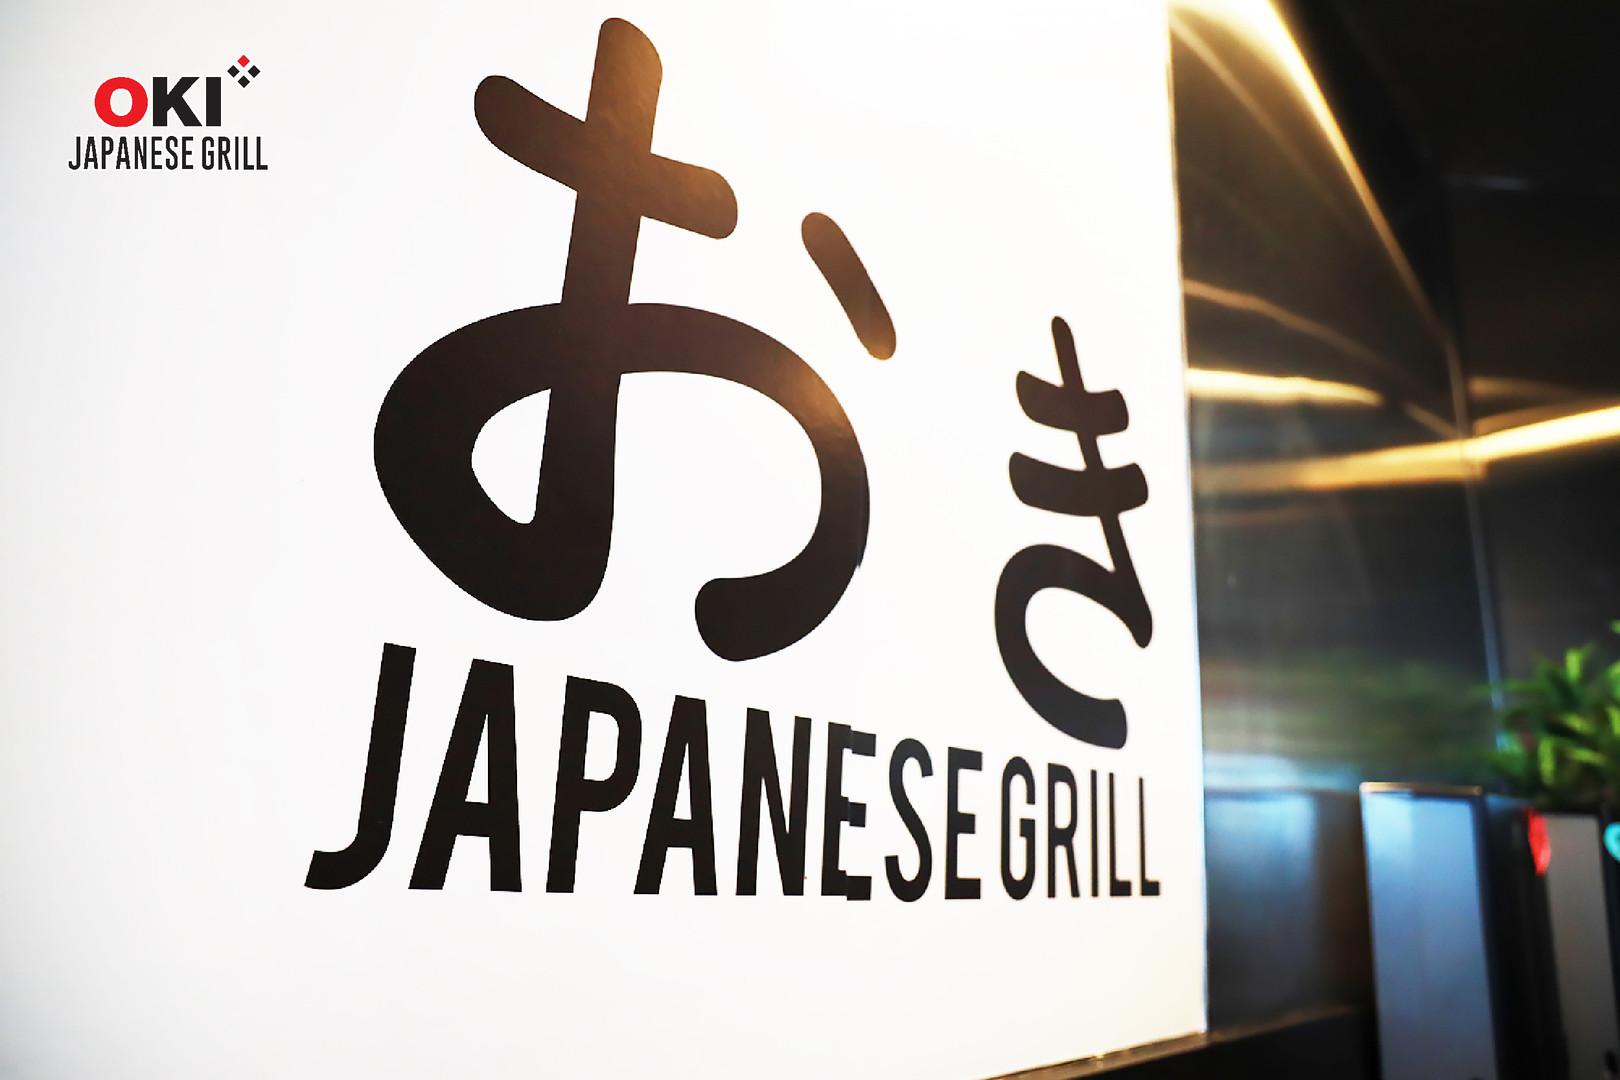 Oki Japanese Grill_Jan 2021_10.jpg